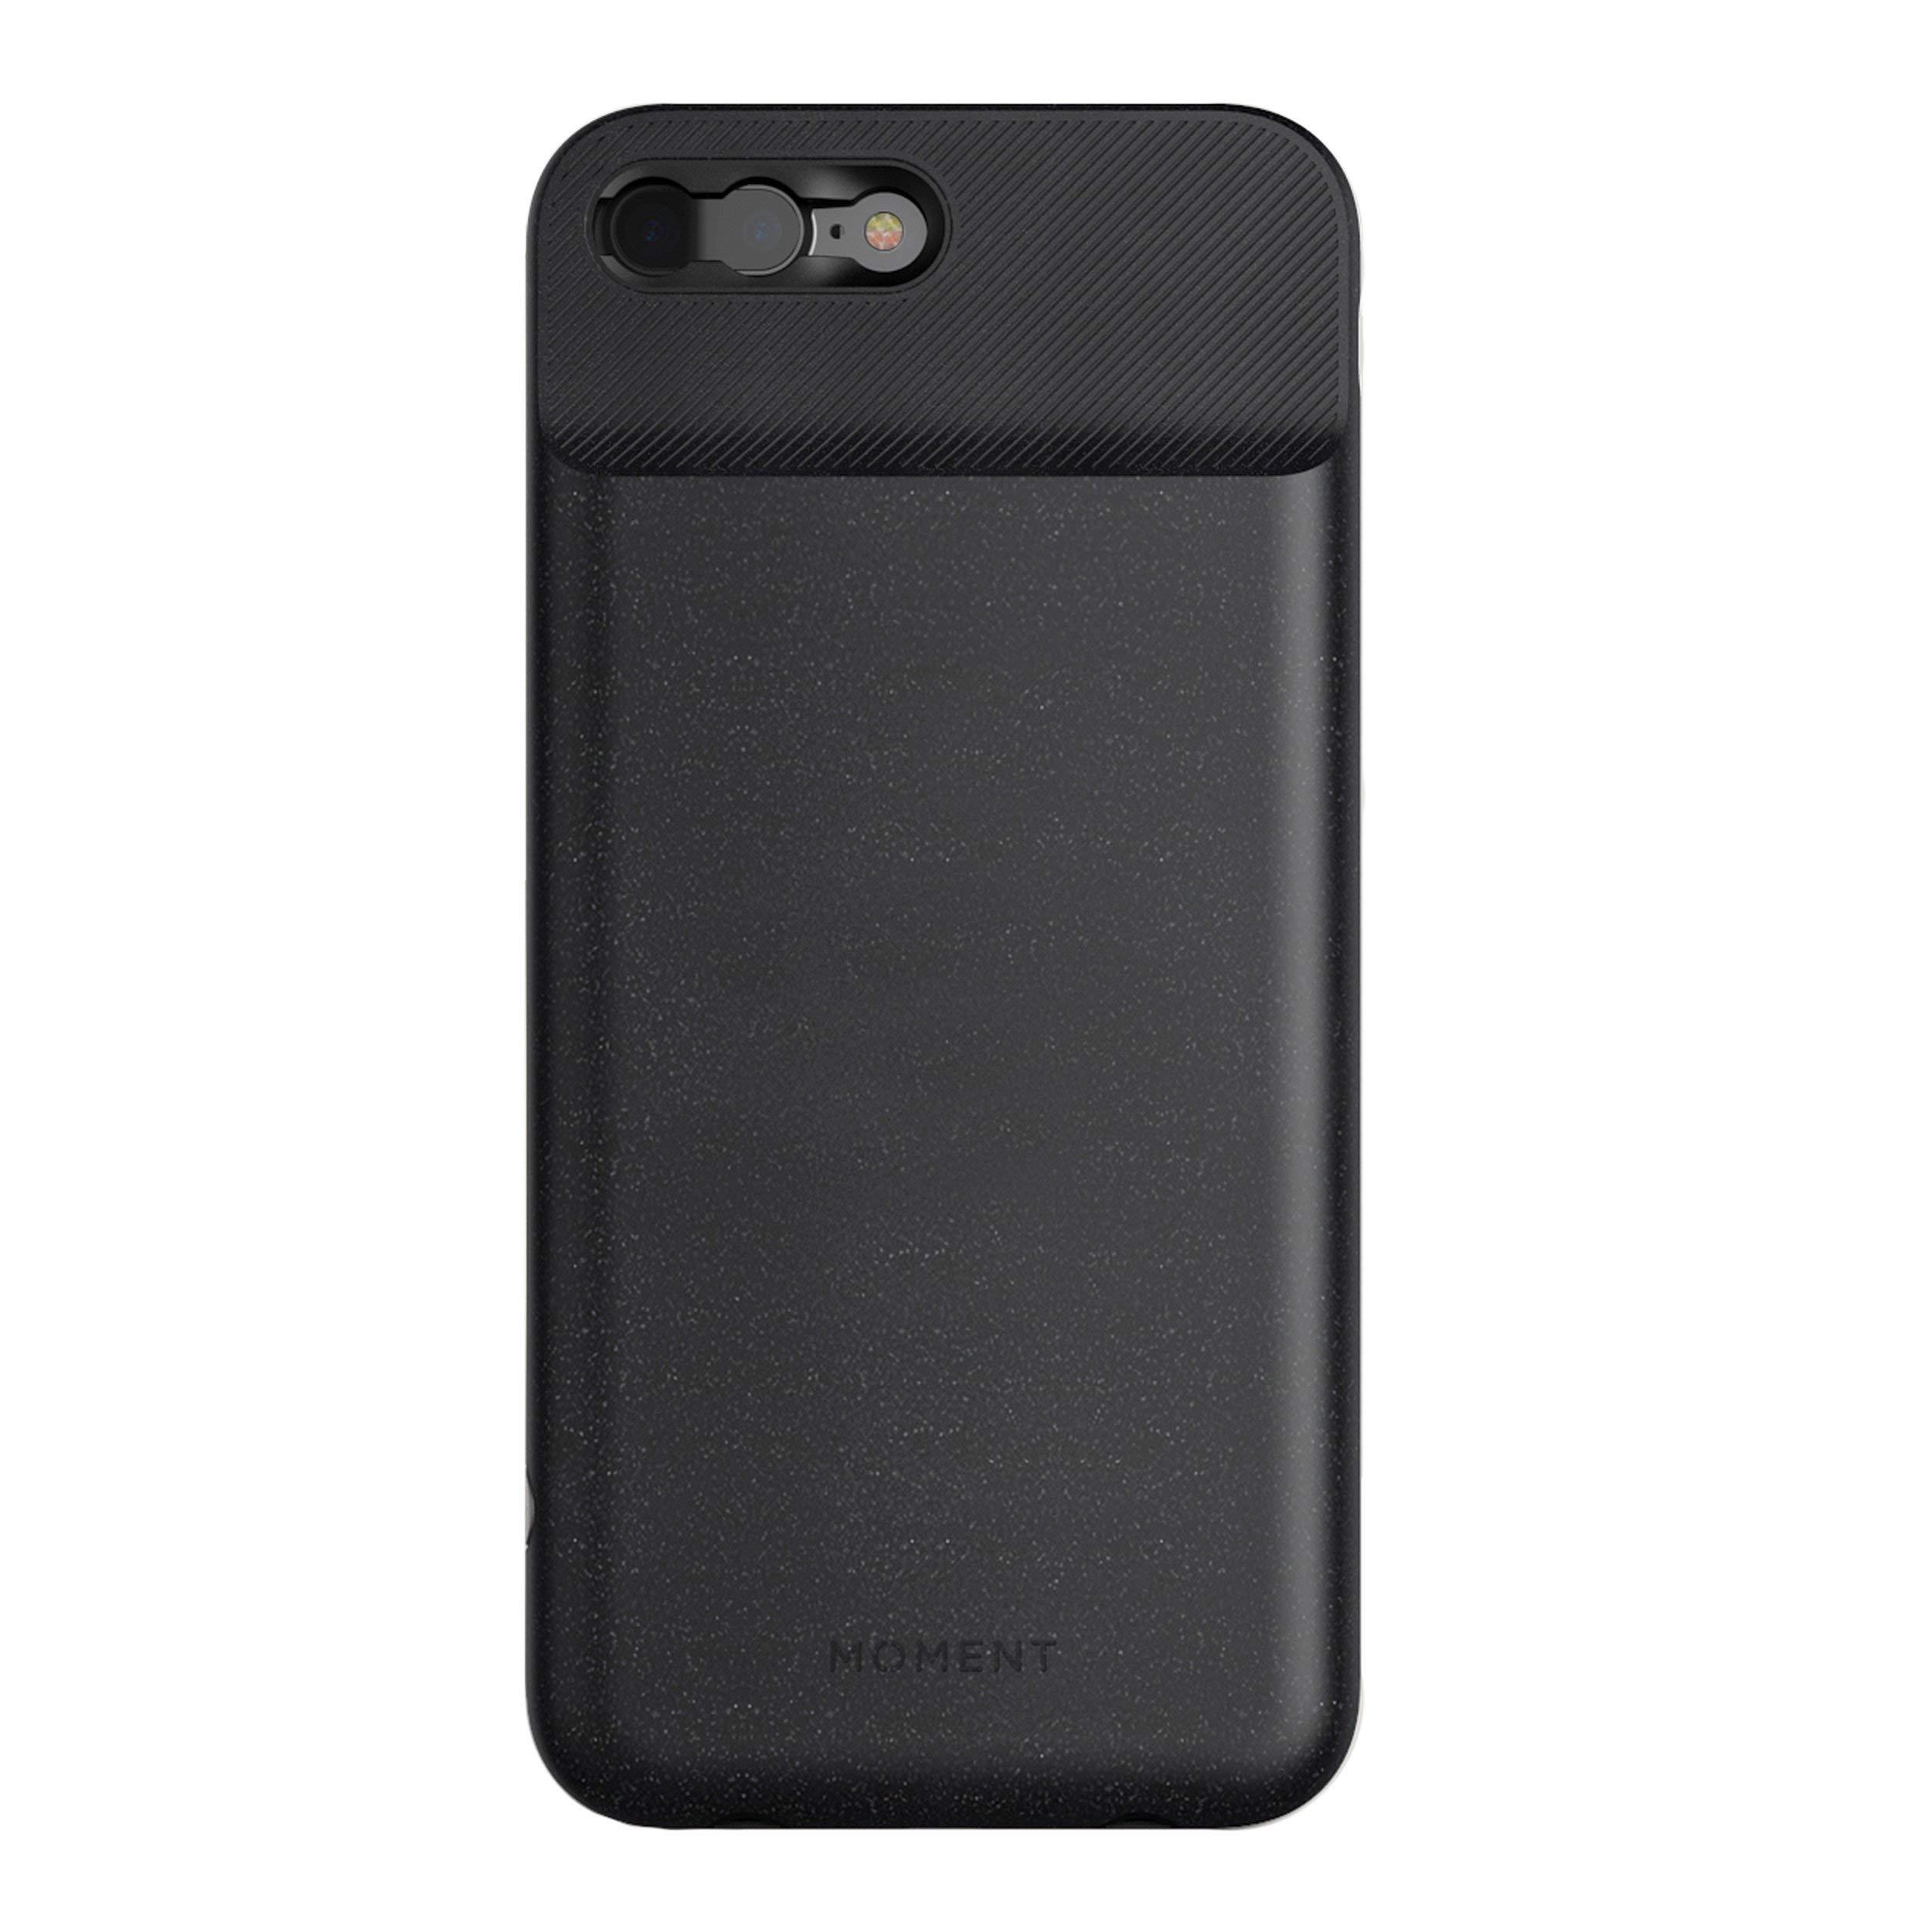 ویکالا · خرید  اصل اورجینال · خرید از آمازون · Moment - Battery Photography Case - iPhone 8 Plus and iPhone 7 Plus - Protect, Charge, and take Better Pictures. wekala · ویکالا